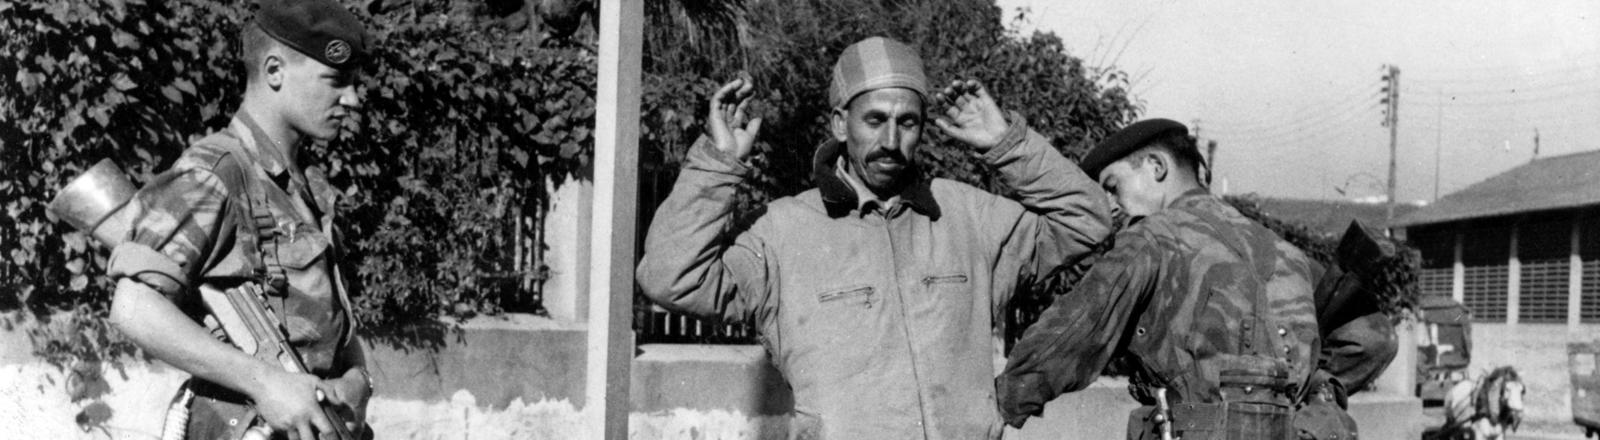 Französische Fallschirmspringer halten 1957 auf offener Straße in Algier einen Mann auf, befragen ihn und durchsuchen ihn nach Waffen.